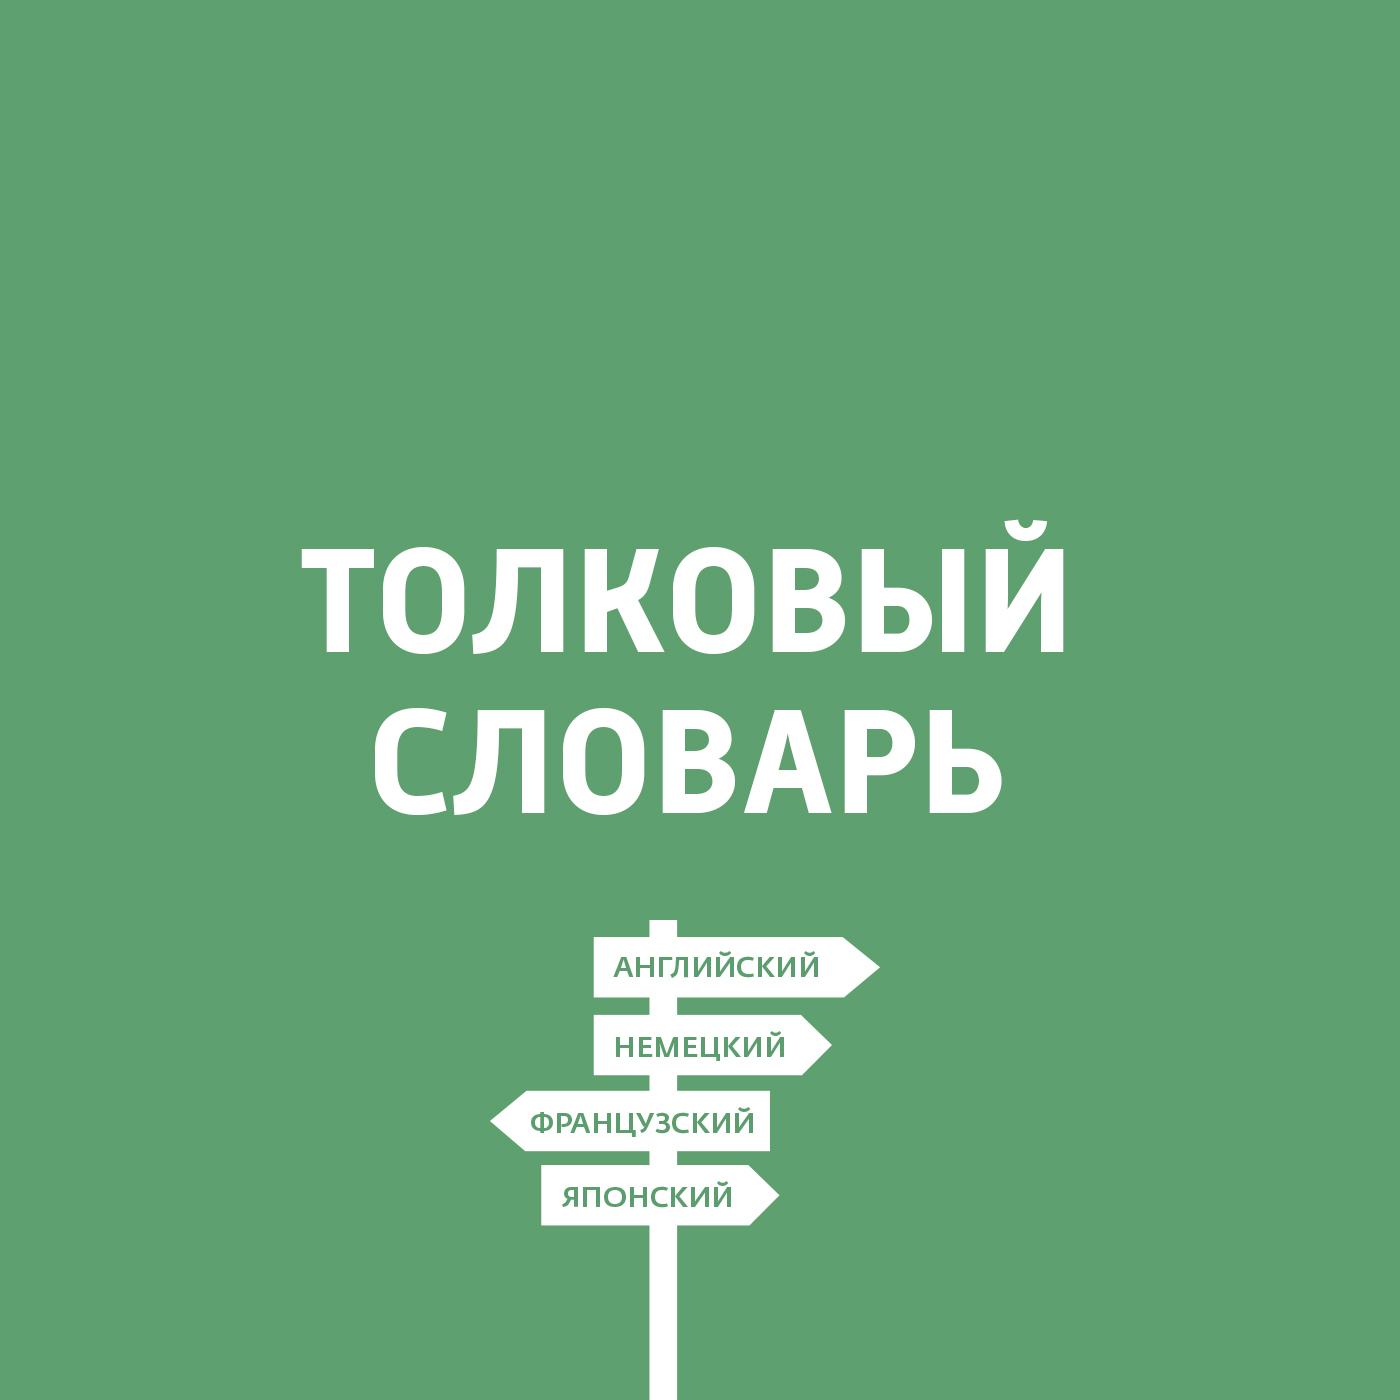 Дмитрий Петров Семитские языки. Часть 2 цены